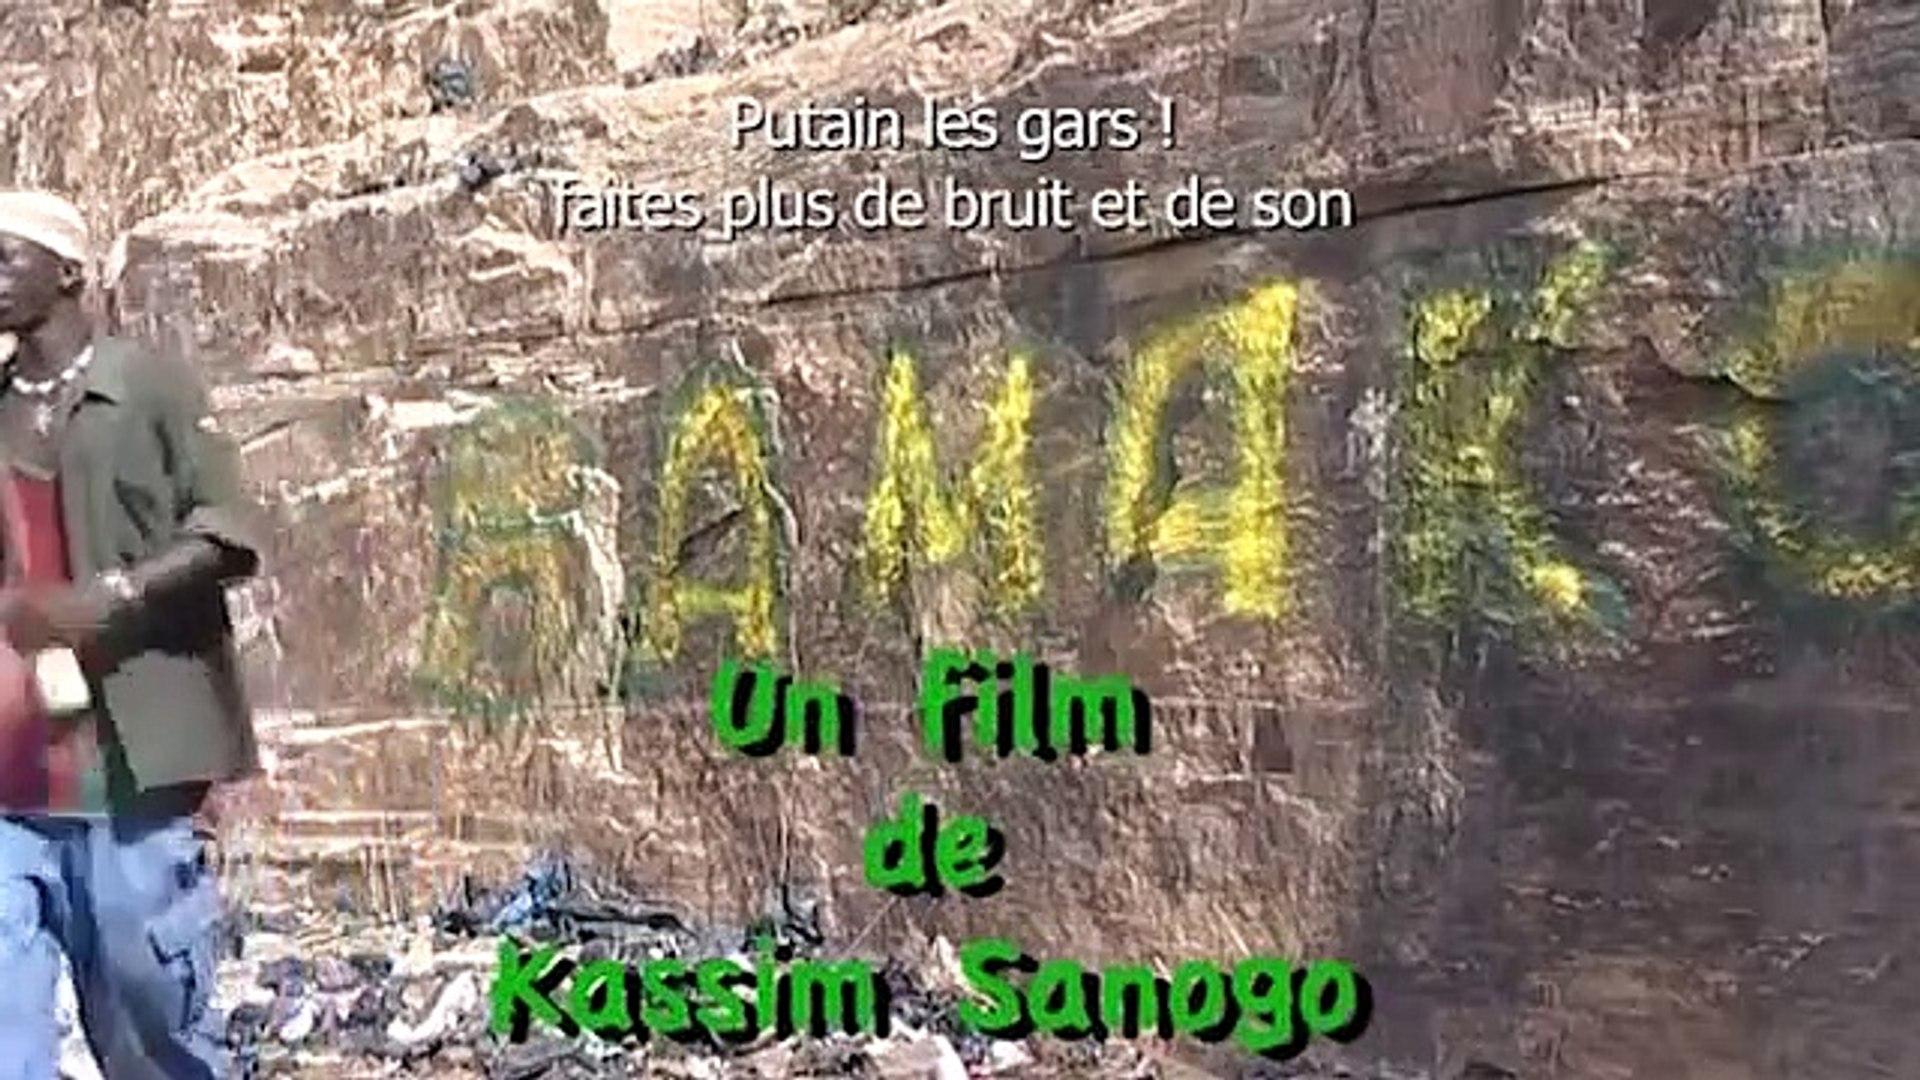 Ca vibre dans nos têtes (trailer AfricaFilms.tv)